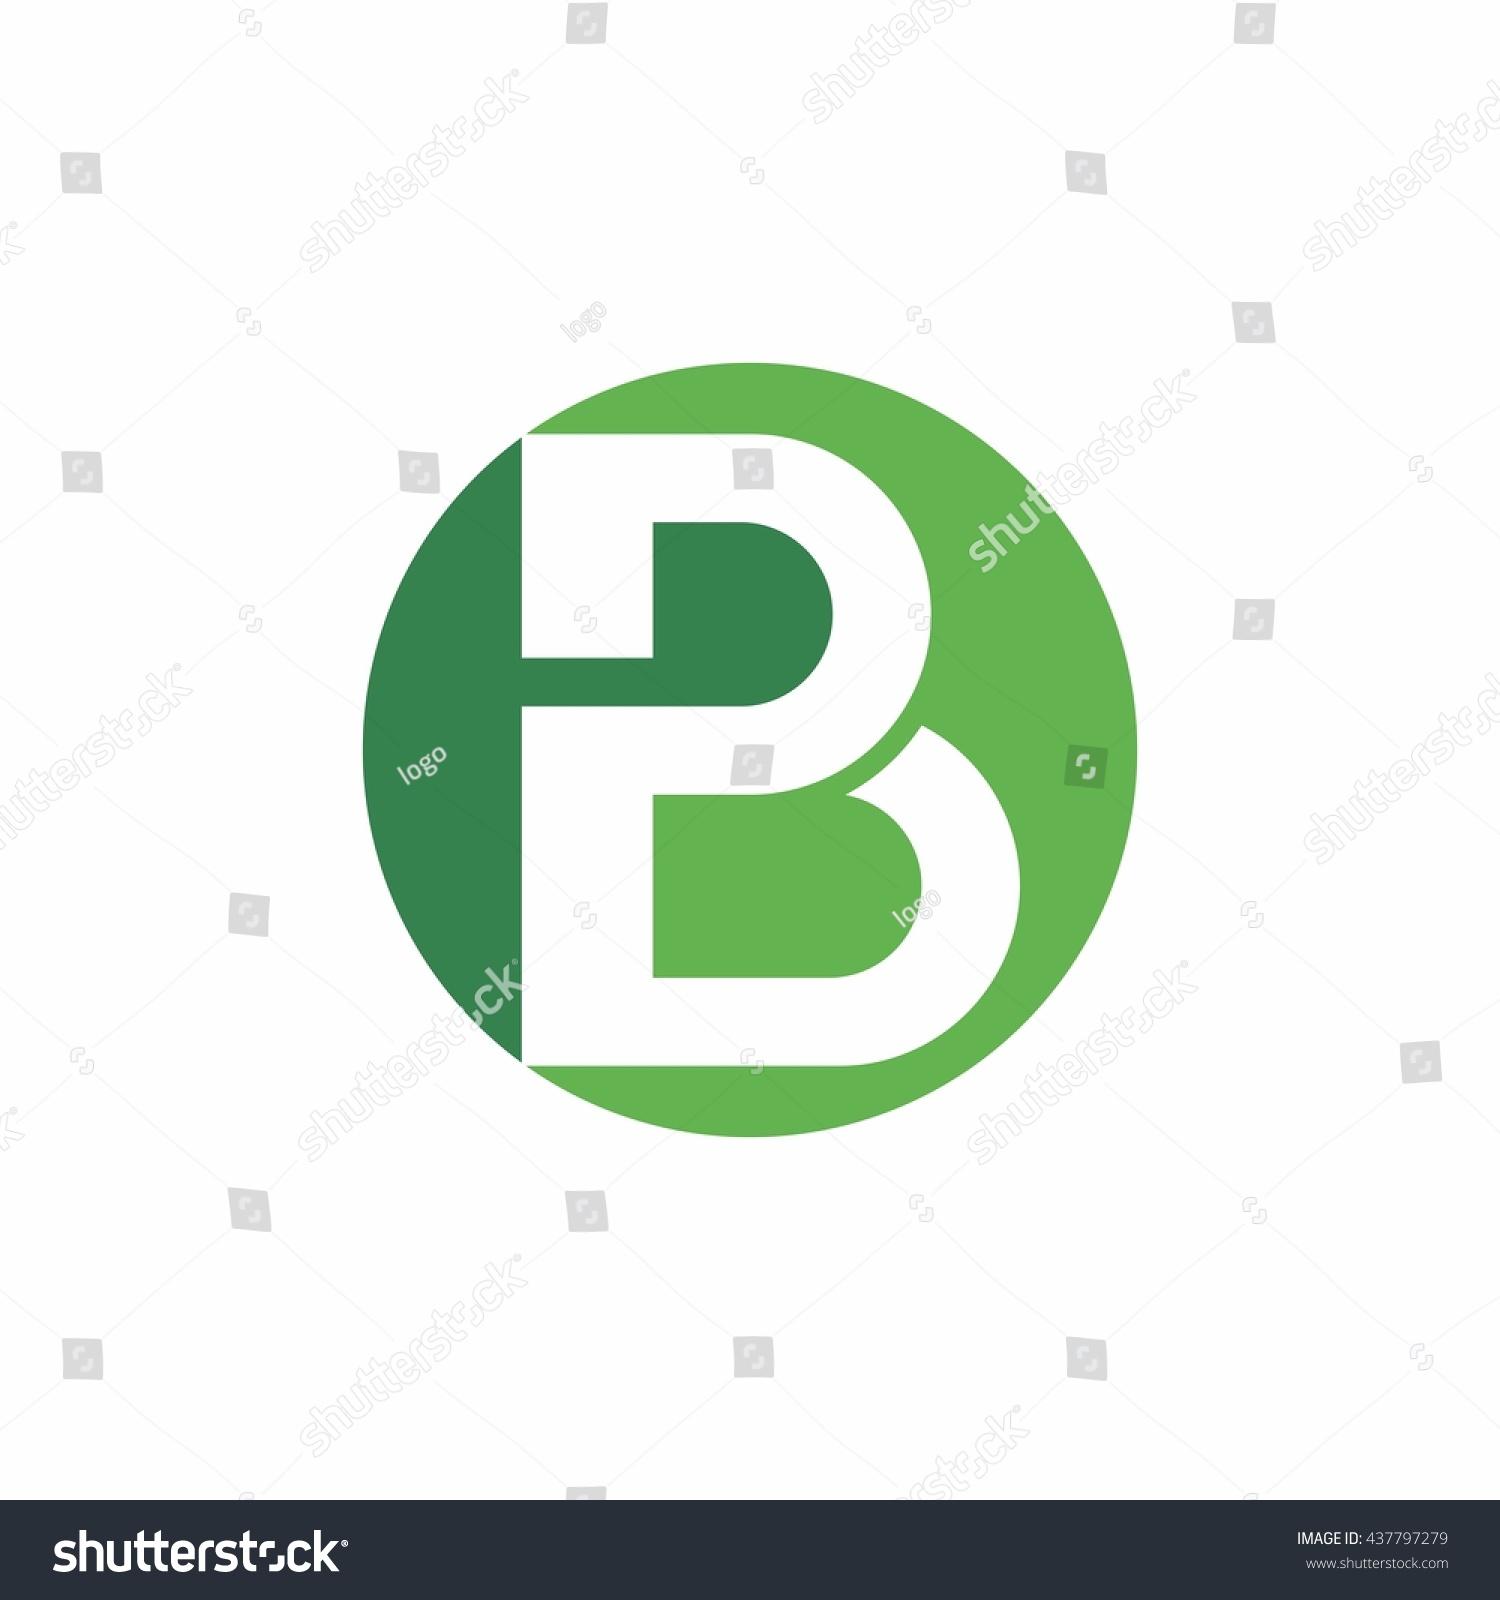 bp logo vector - photo #9